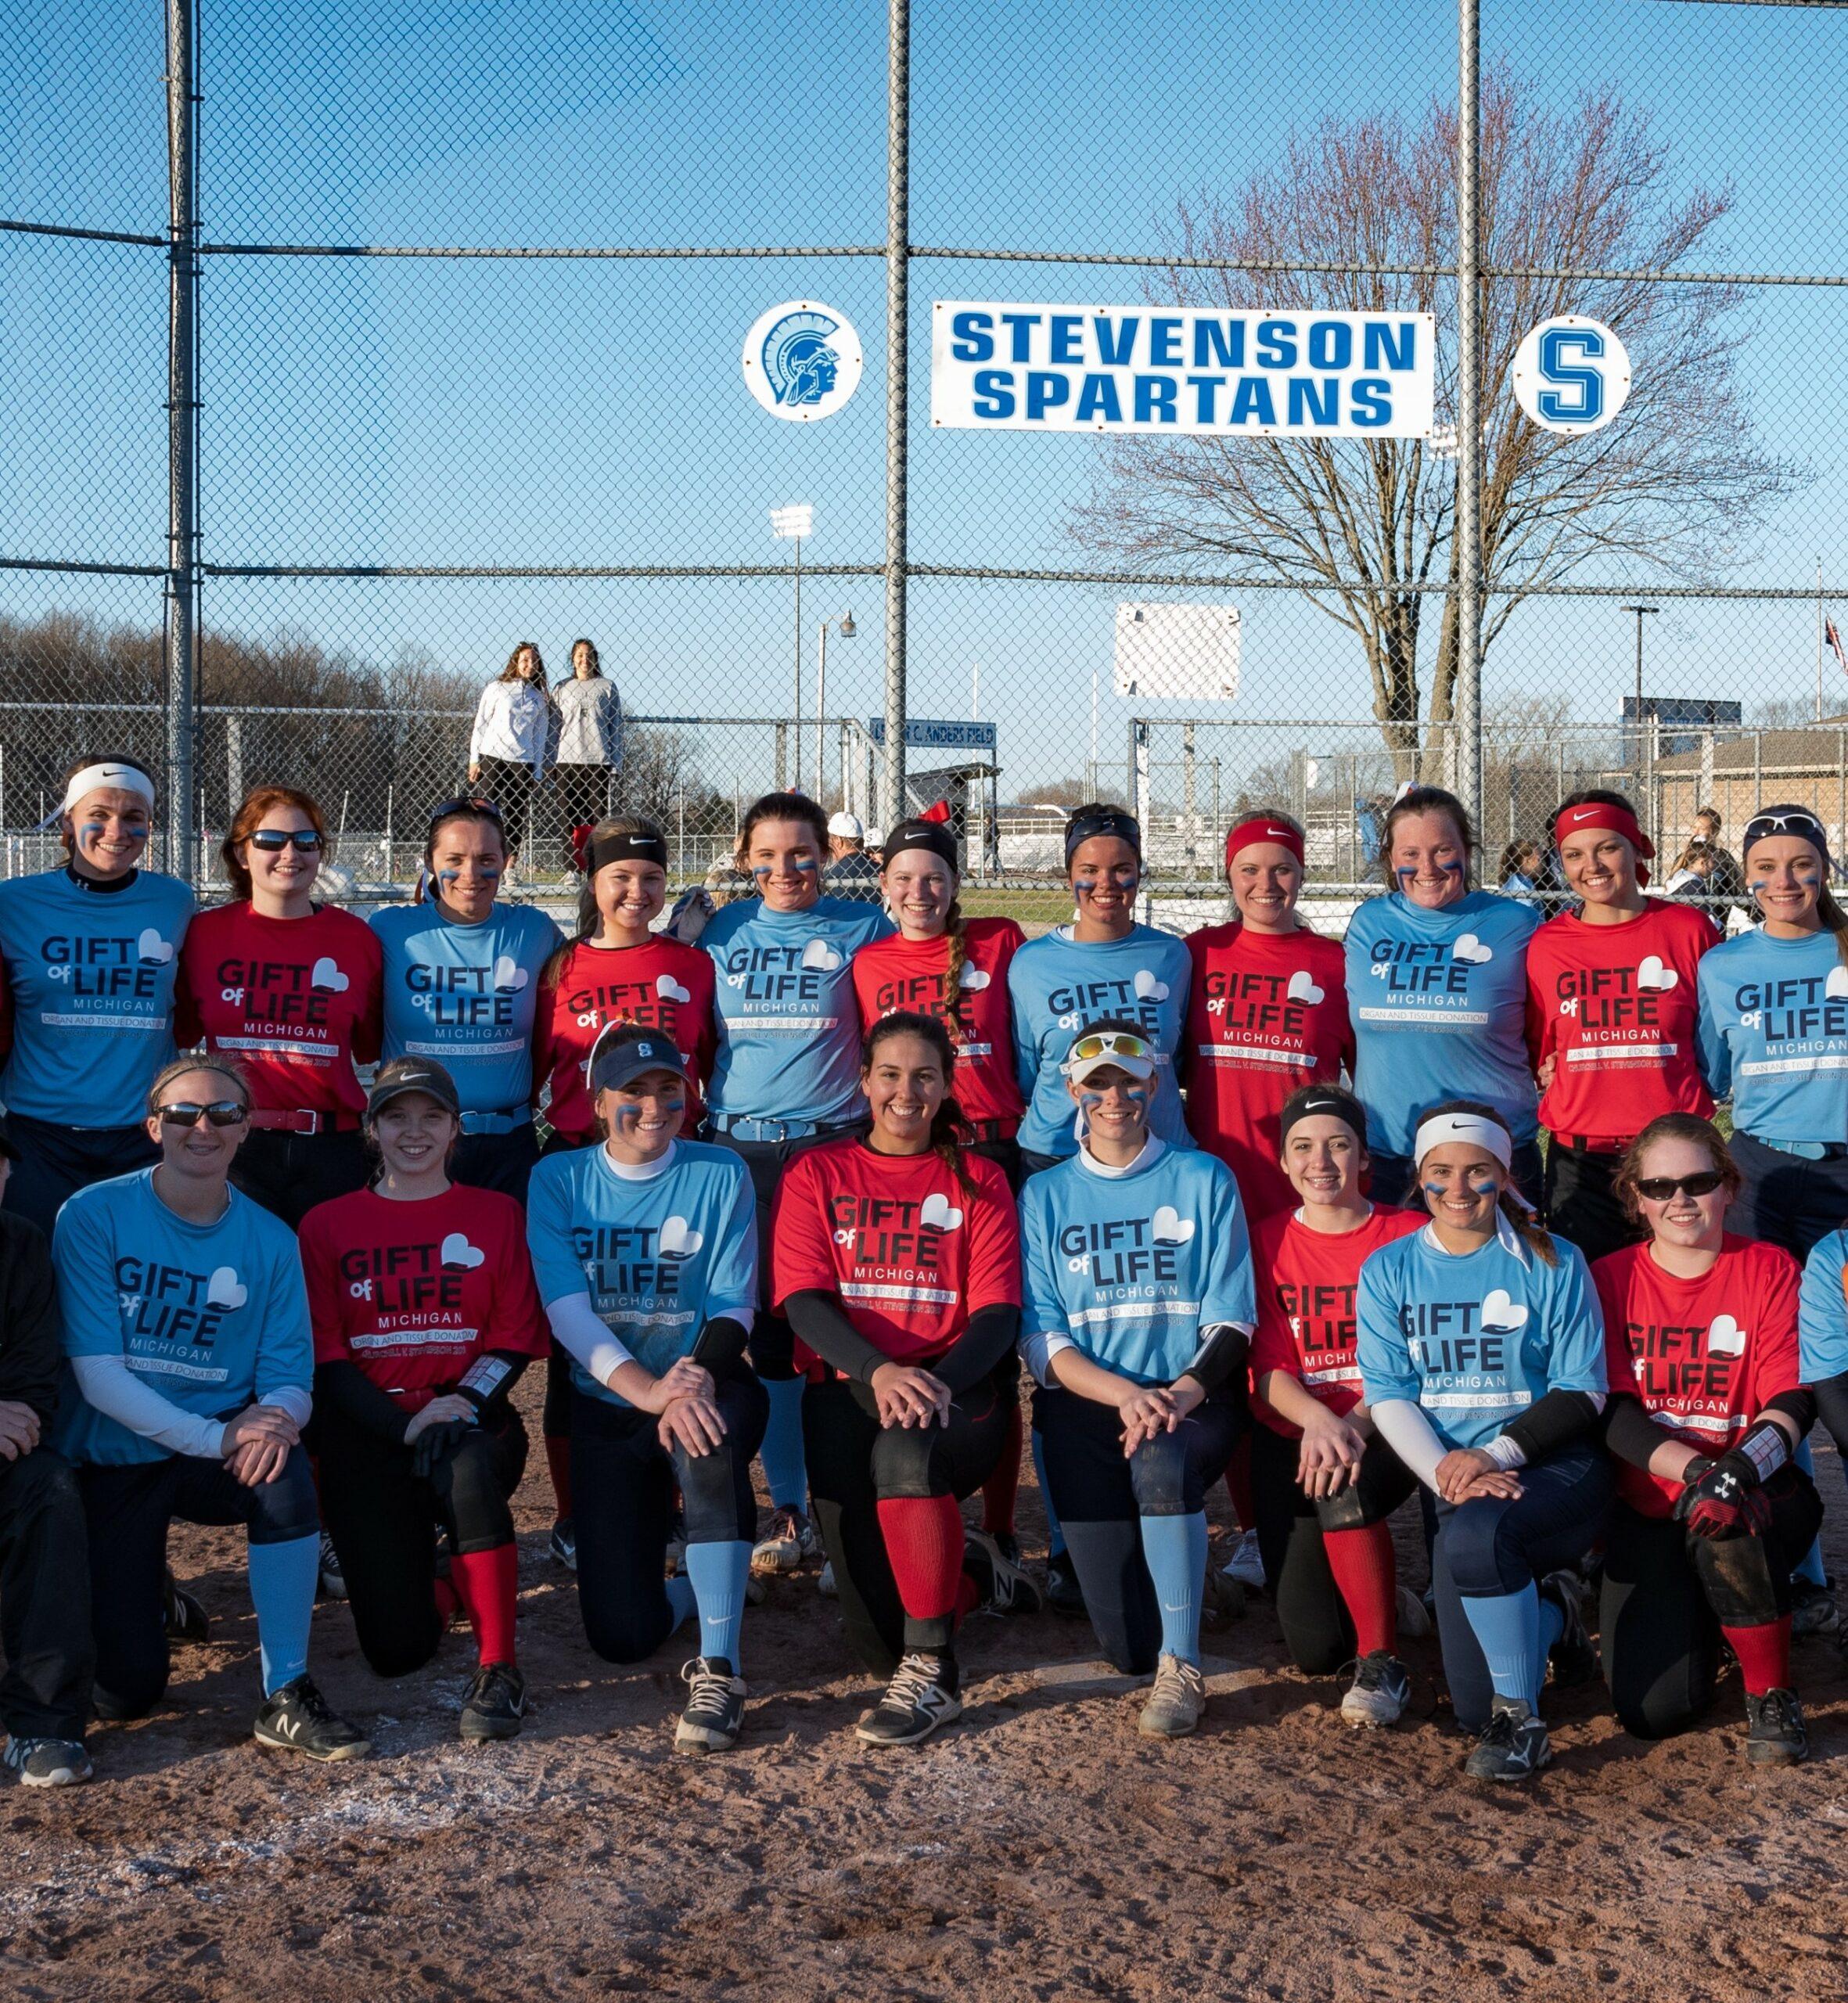 Group photo of two softball teams